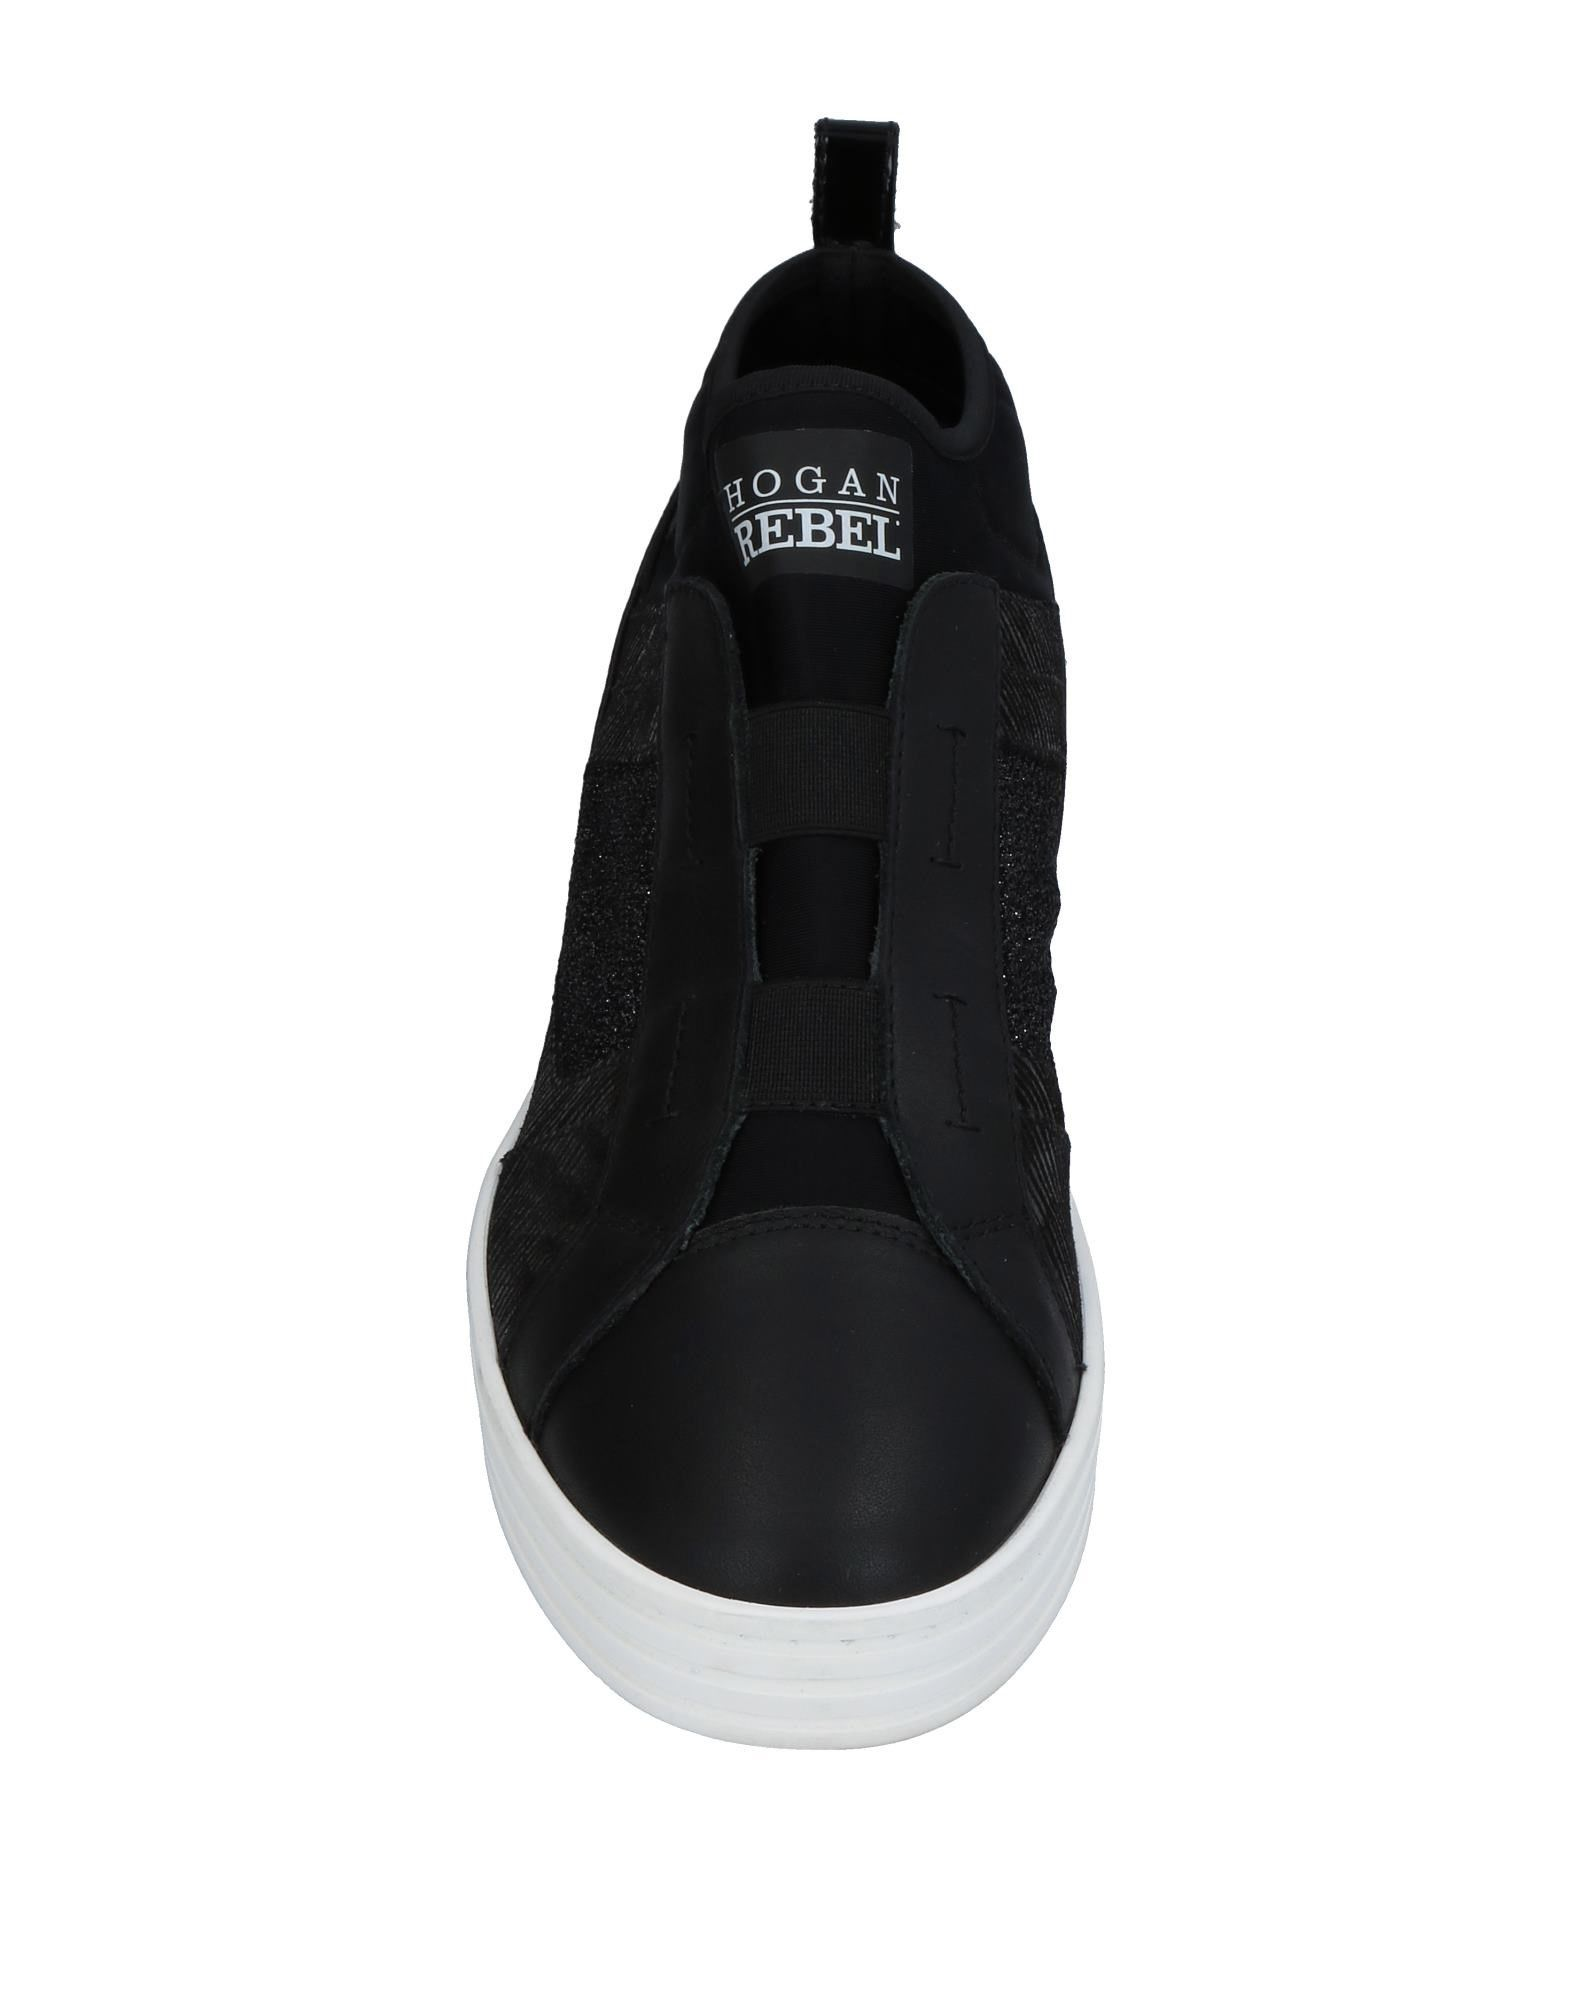 Hogan Rebel Sneakers Damen 11351943LN  11351943LN Damen e6e53b